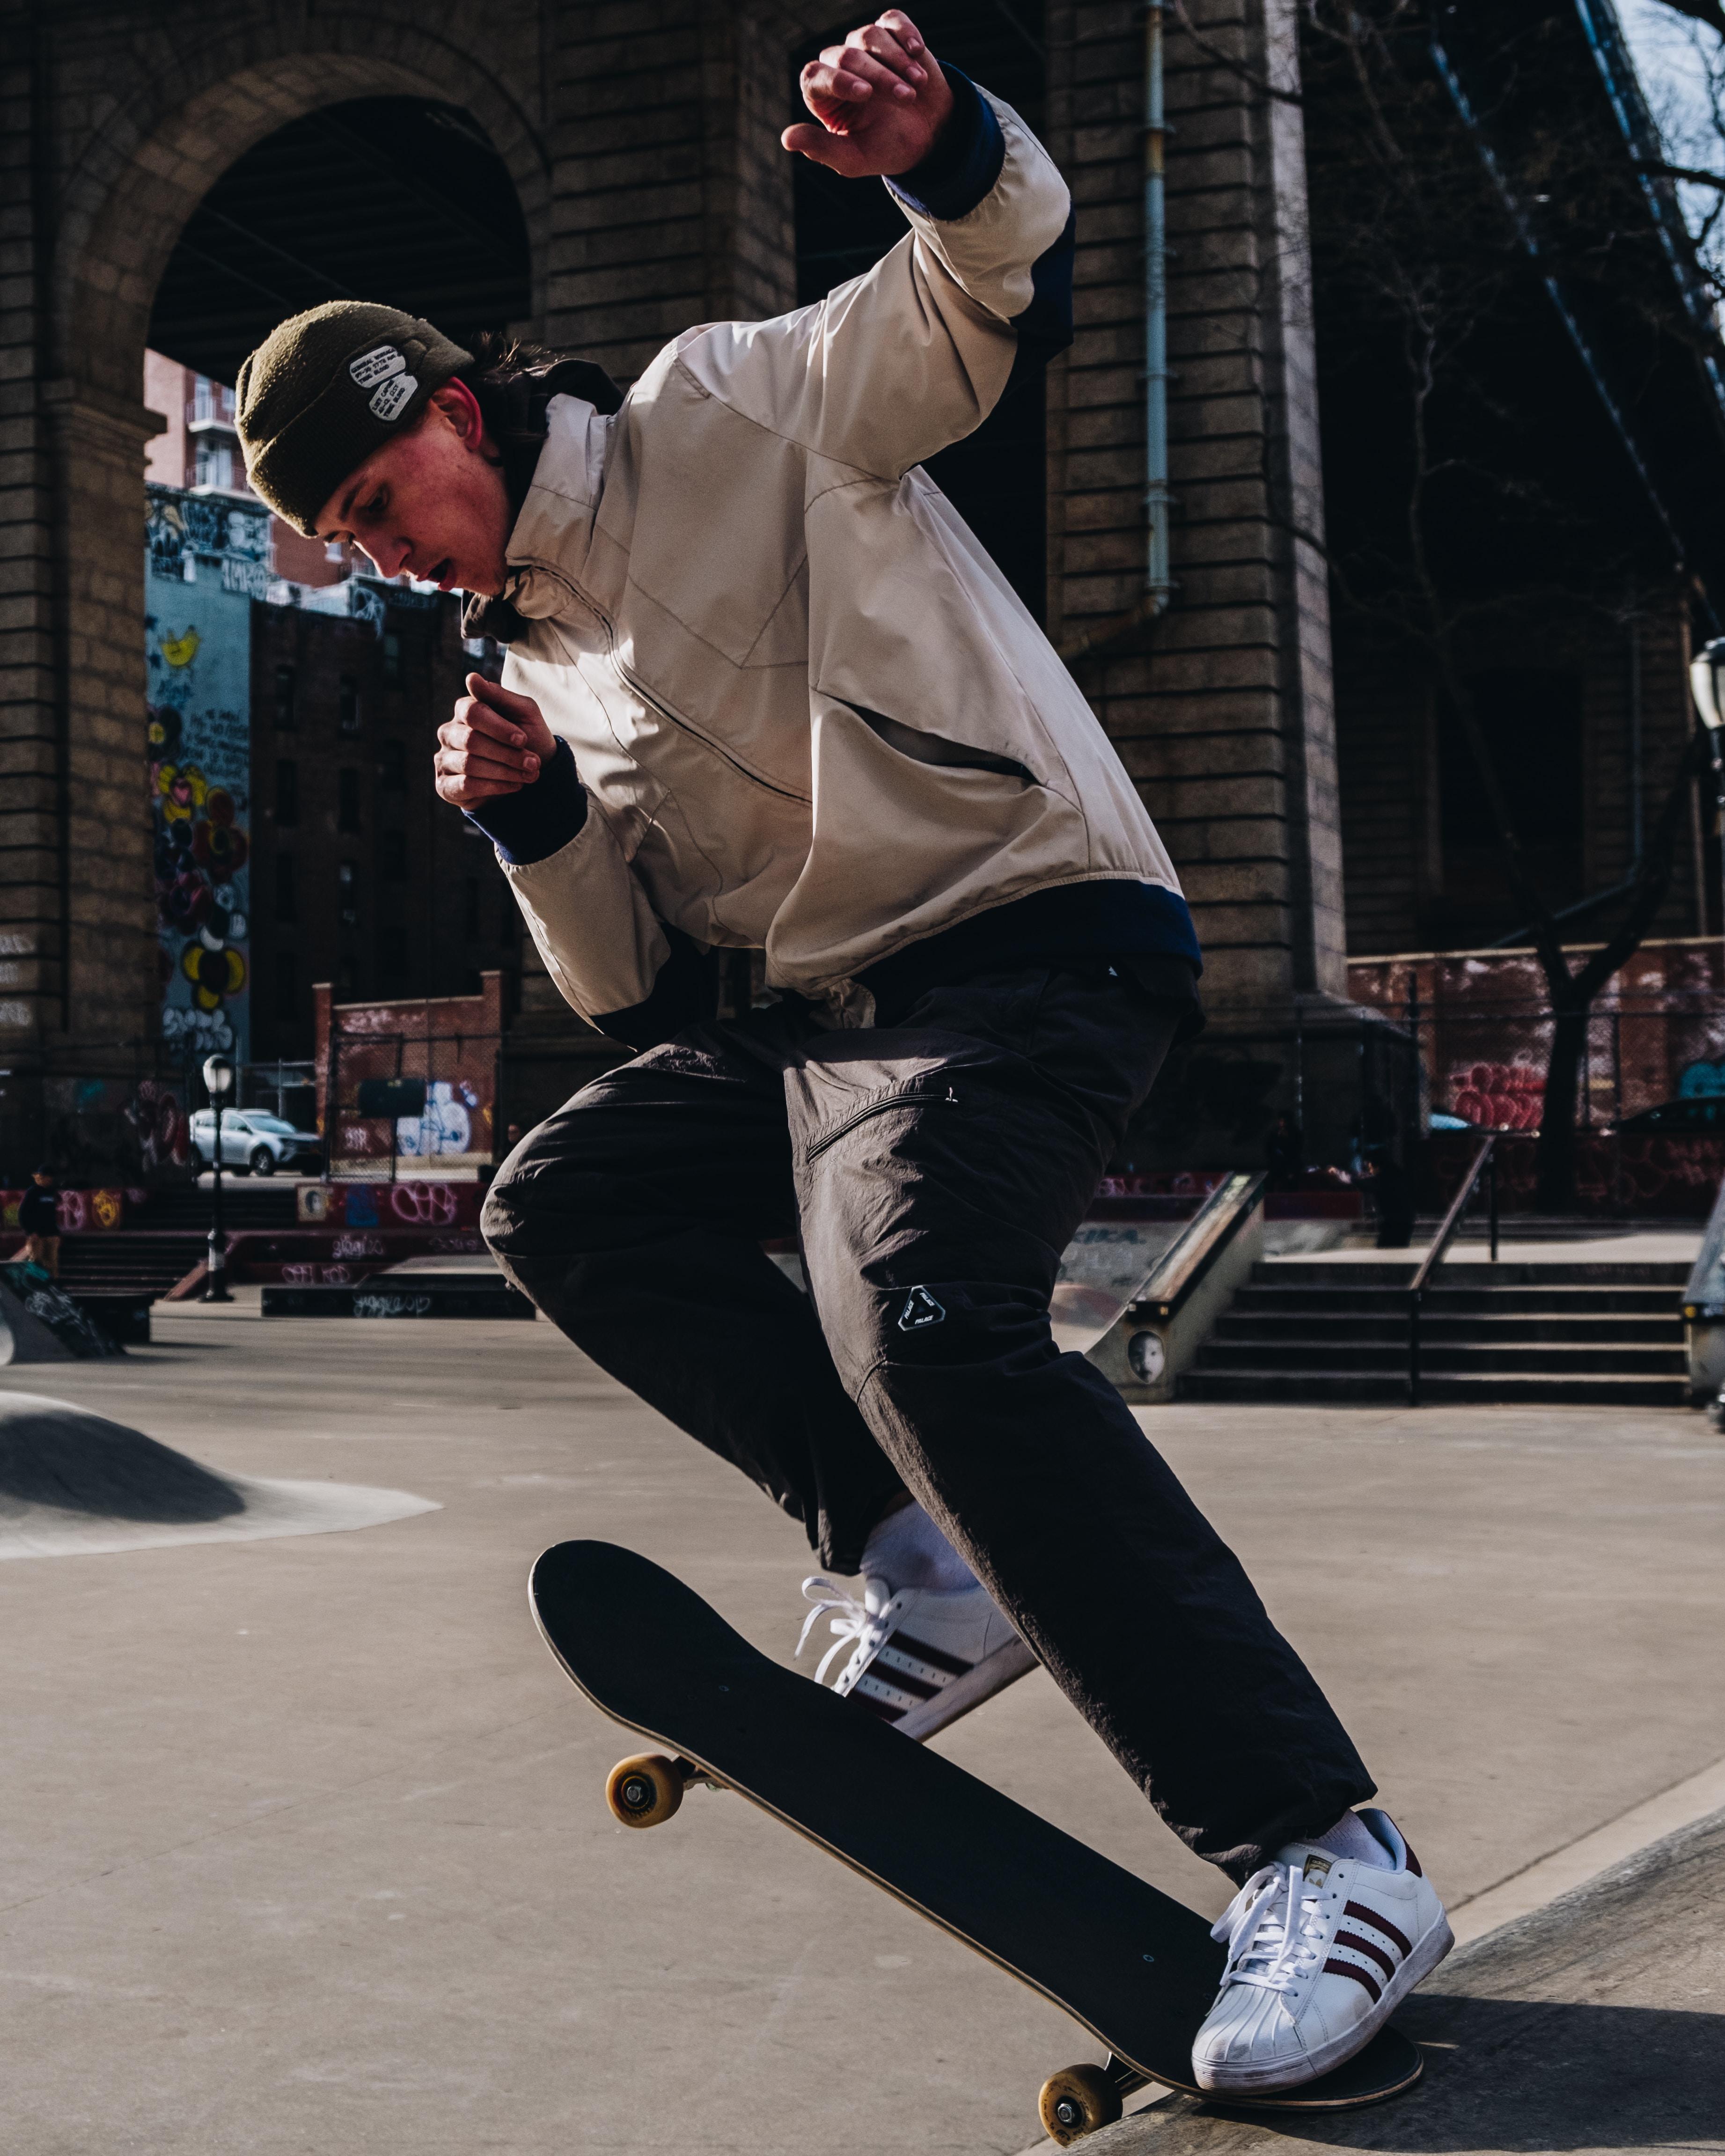 man playing skateboard on street